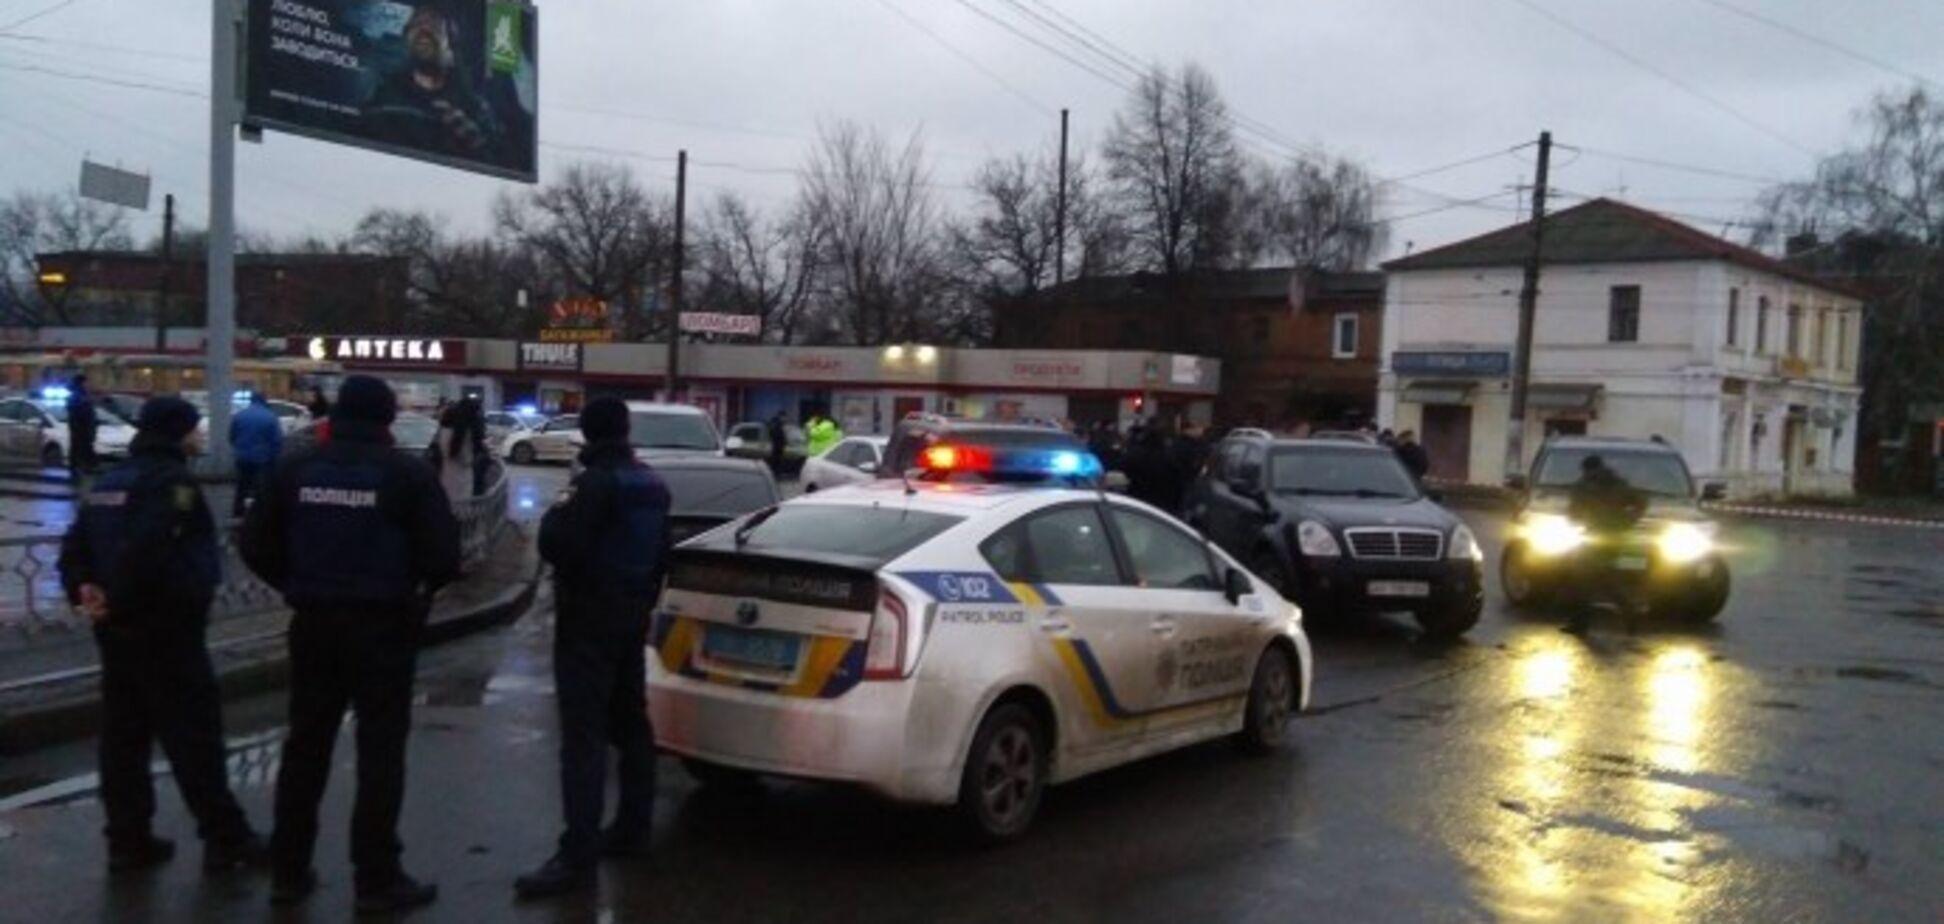 Захват заложников на 'Укрпочте' в Харькове: здание взяли штурмом